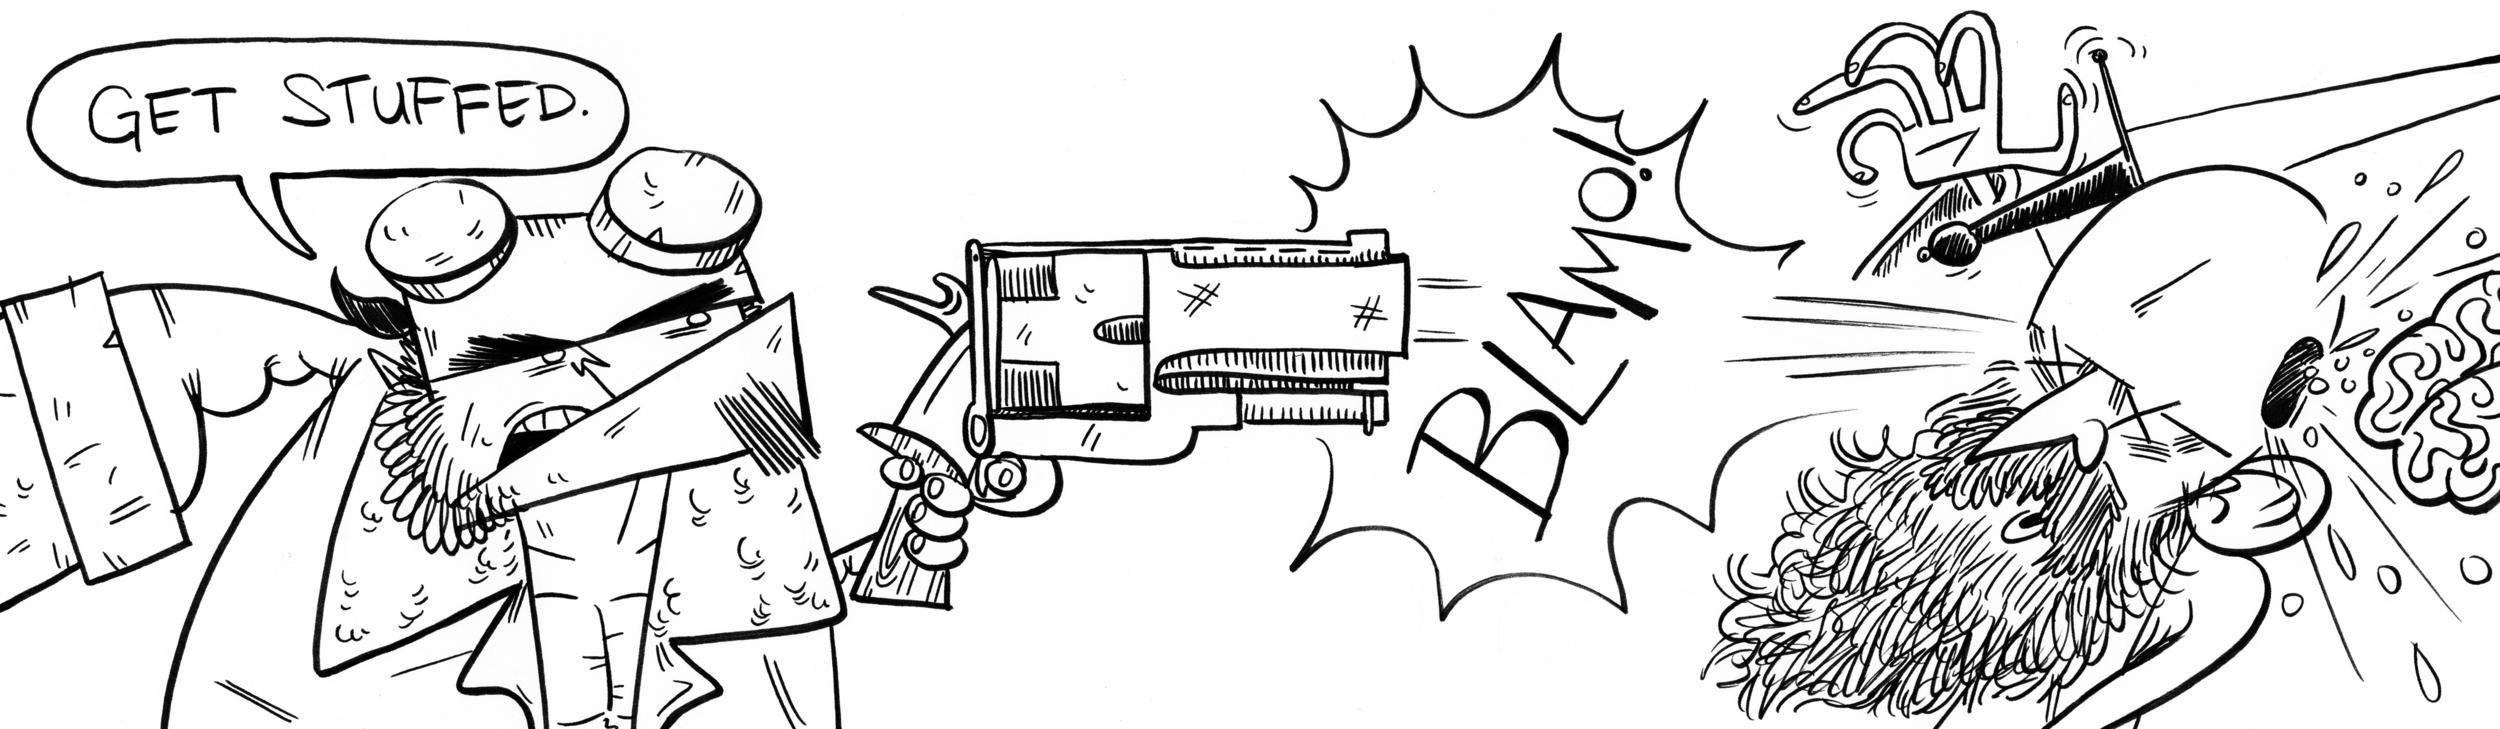 Hellboy One Shot 3.jpg